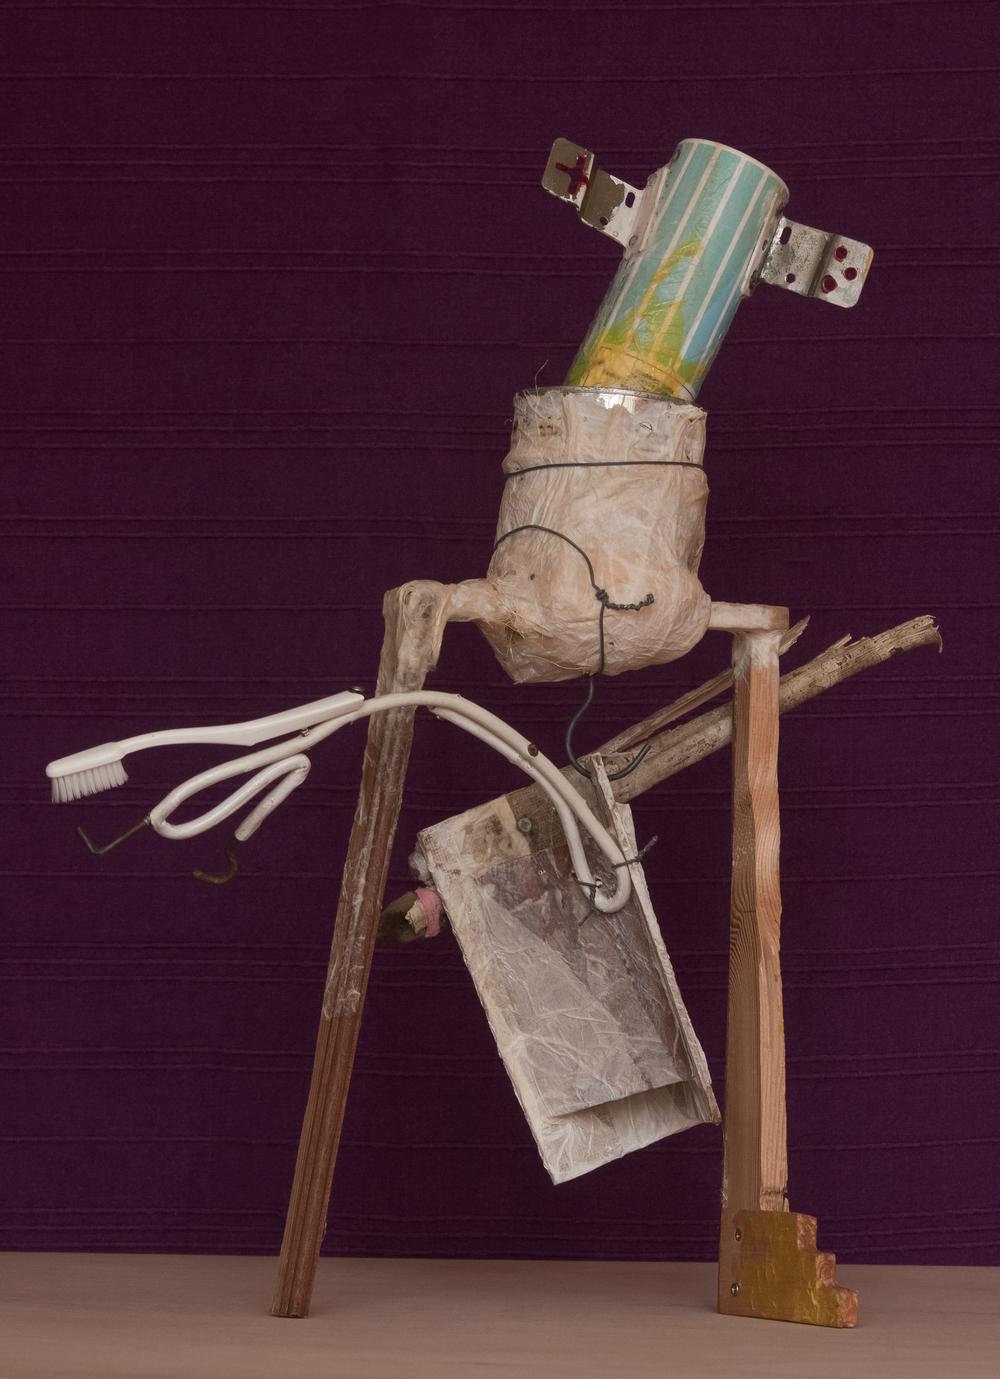 Ladislau da Regueira | Espaciand'o Tempo | Cupido (2006)